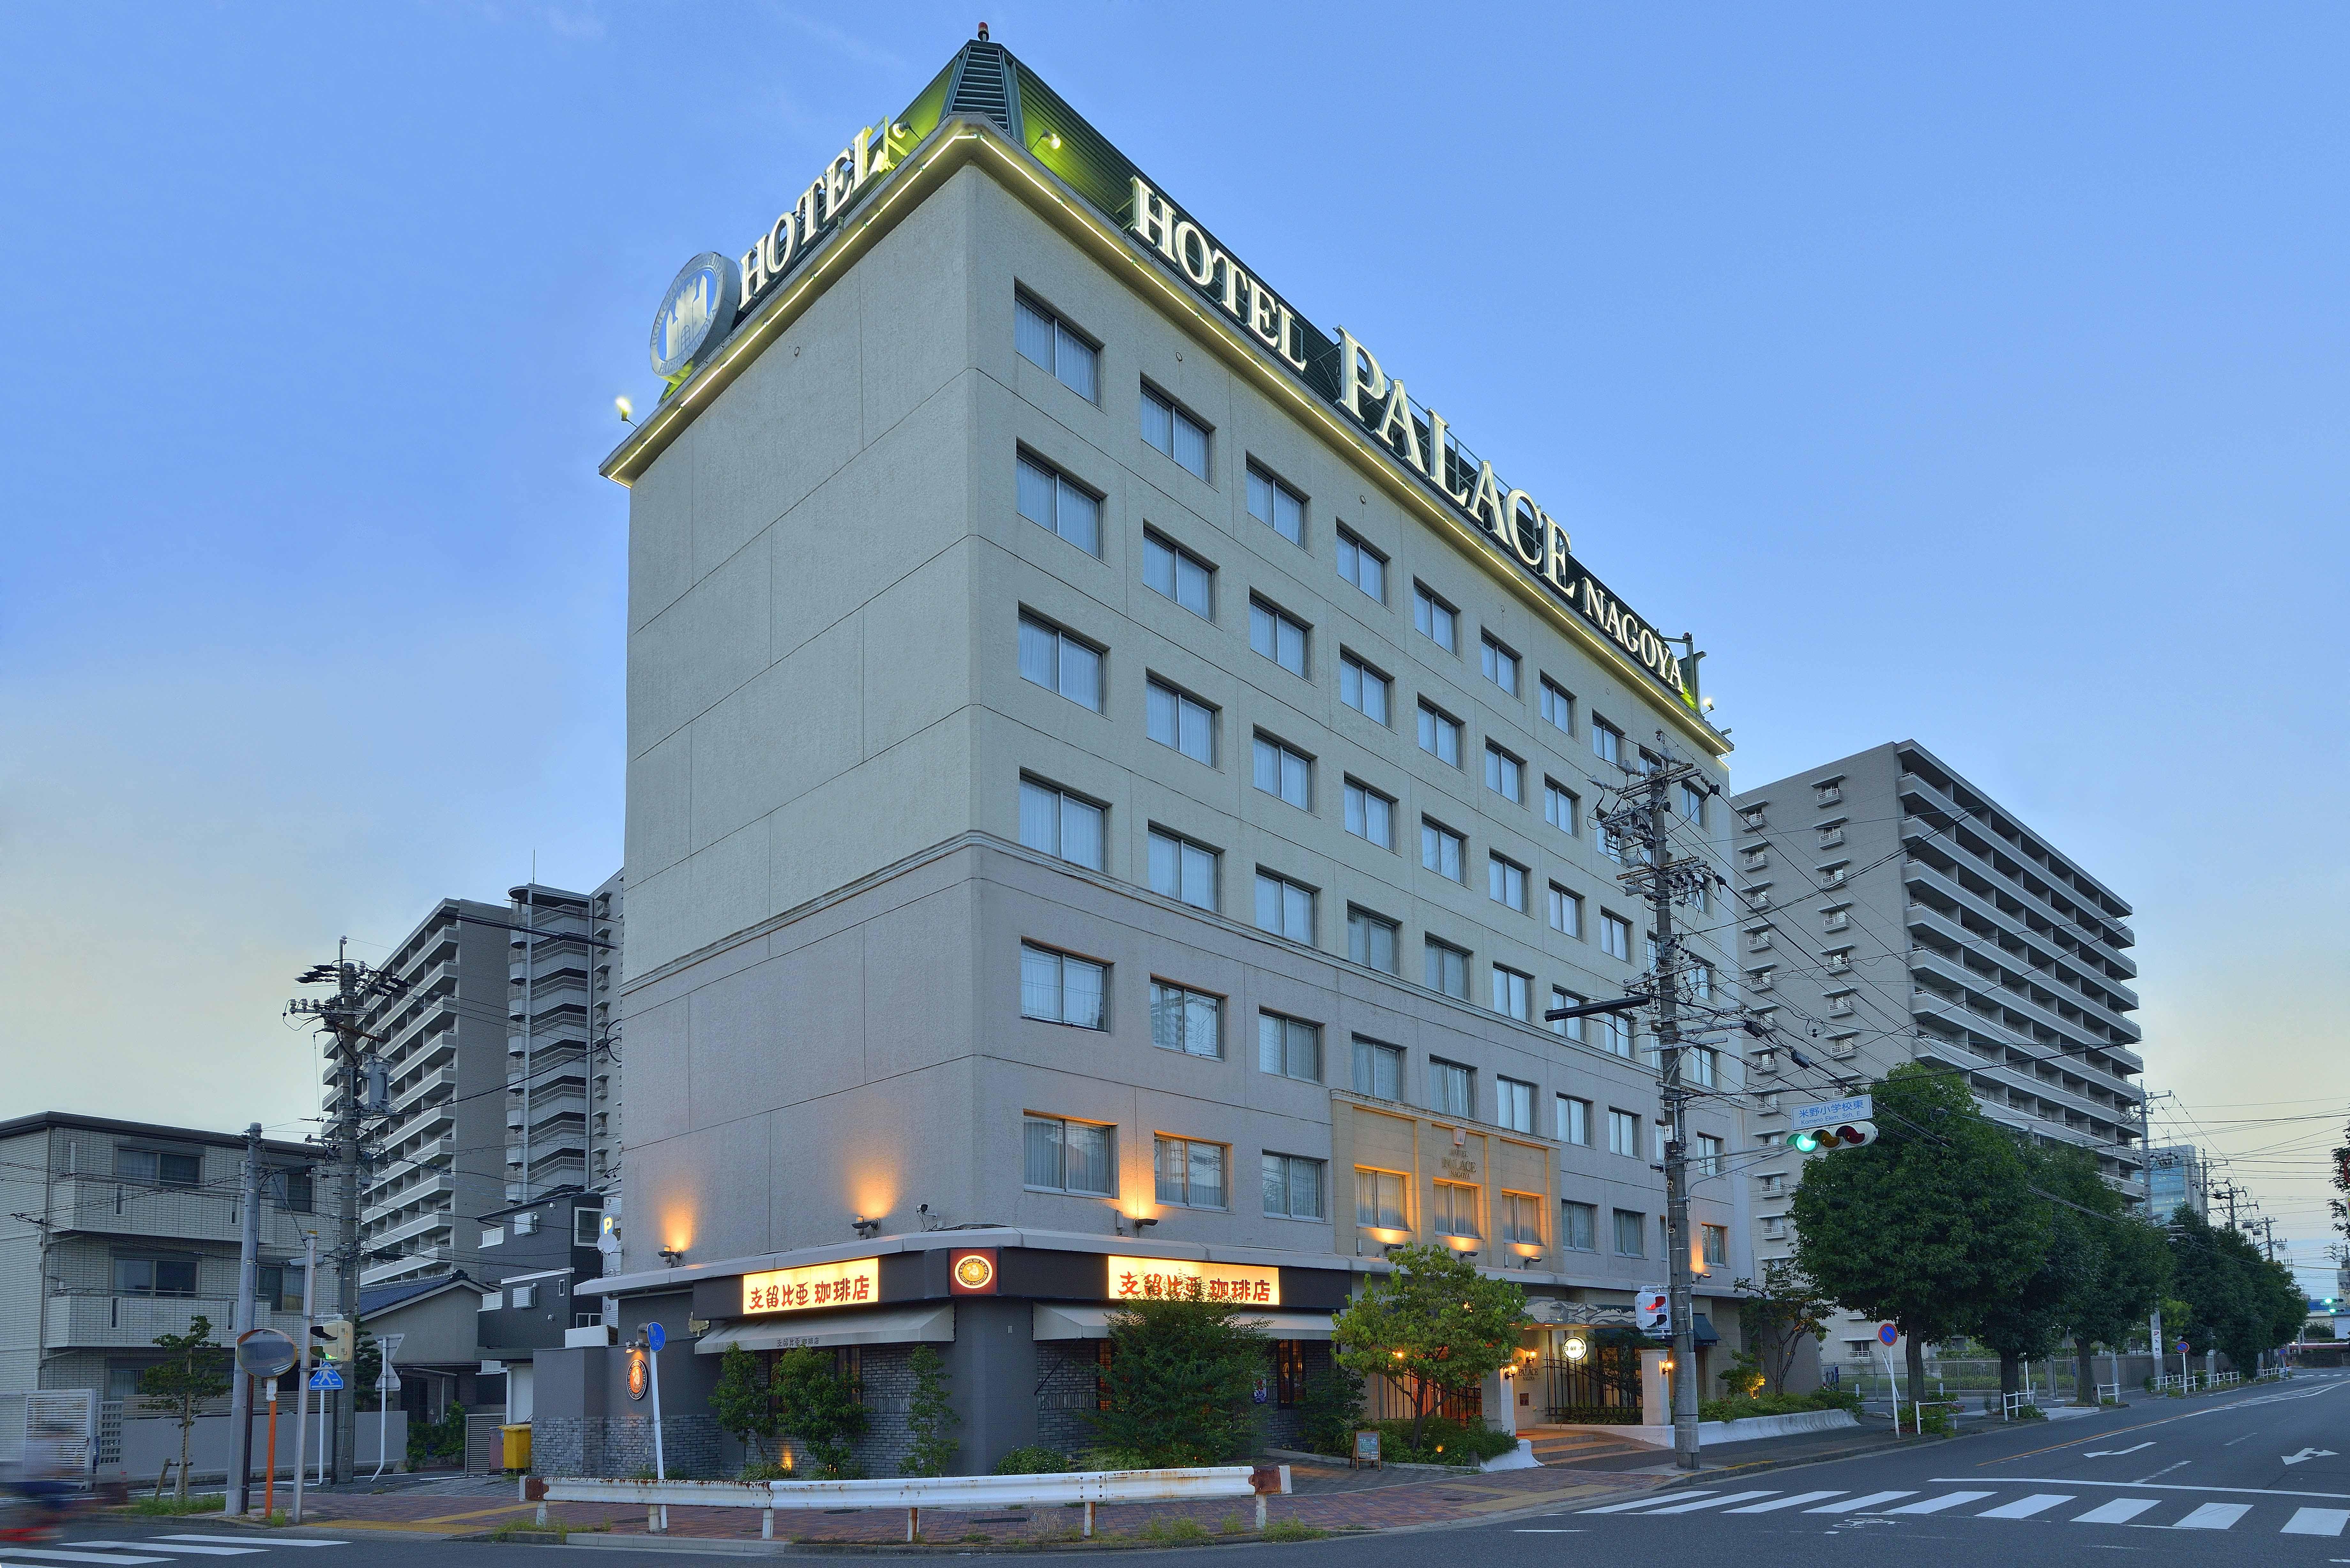 ホテル パレス 名古屋◆楽天トラベル